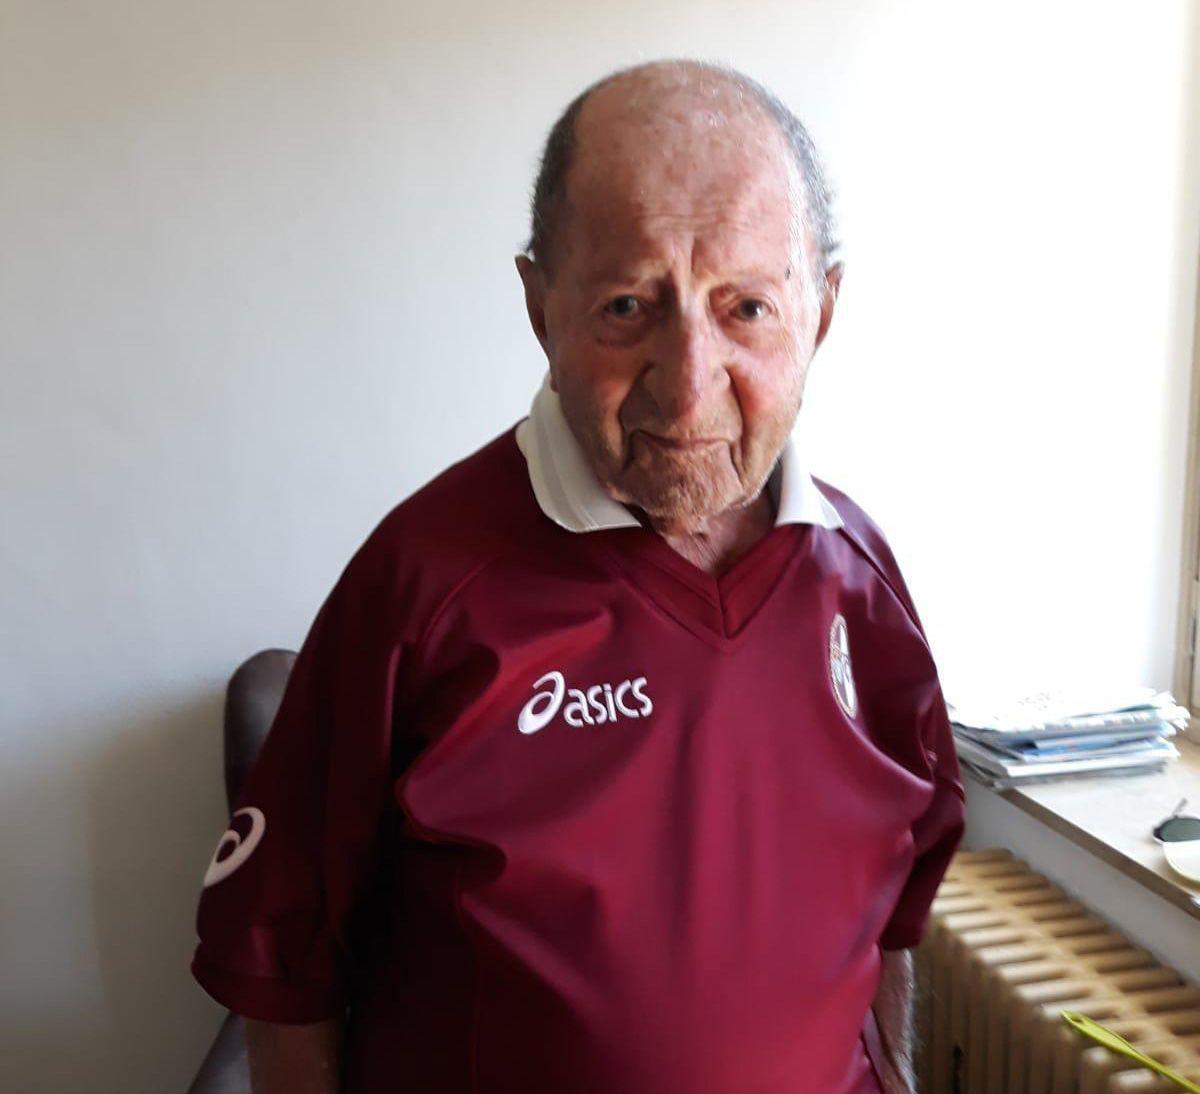 VALPERGA - E' morto Franco Boggio: aveva 109 anni. Era il tifoso più longevo del Torino Calcio